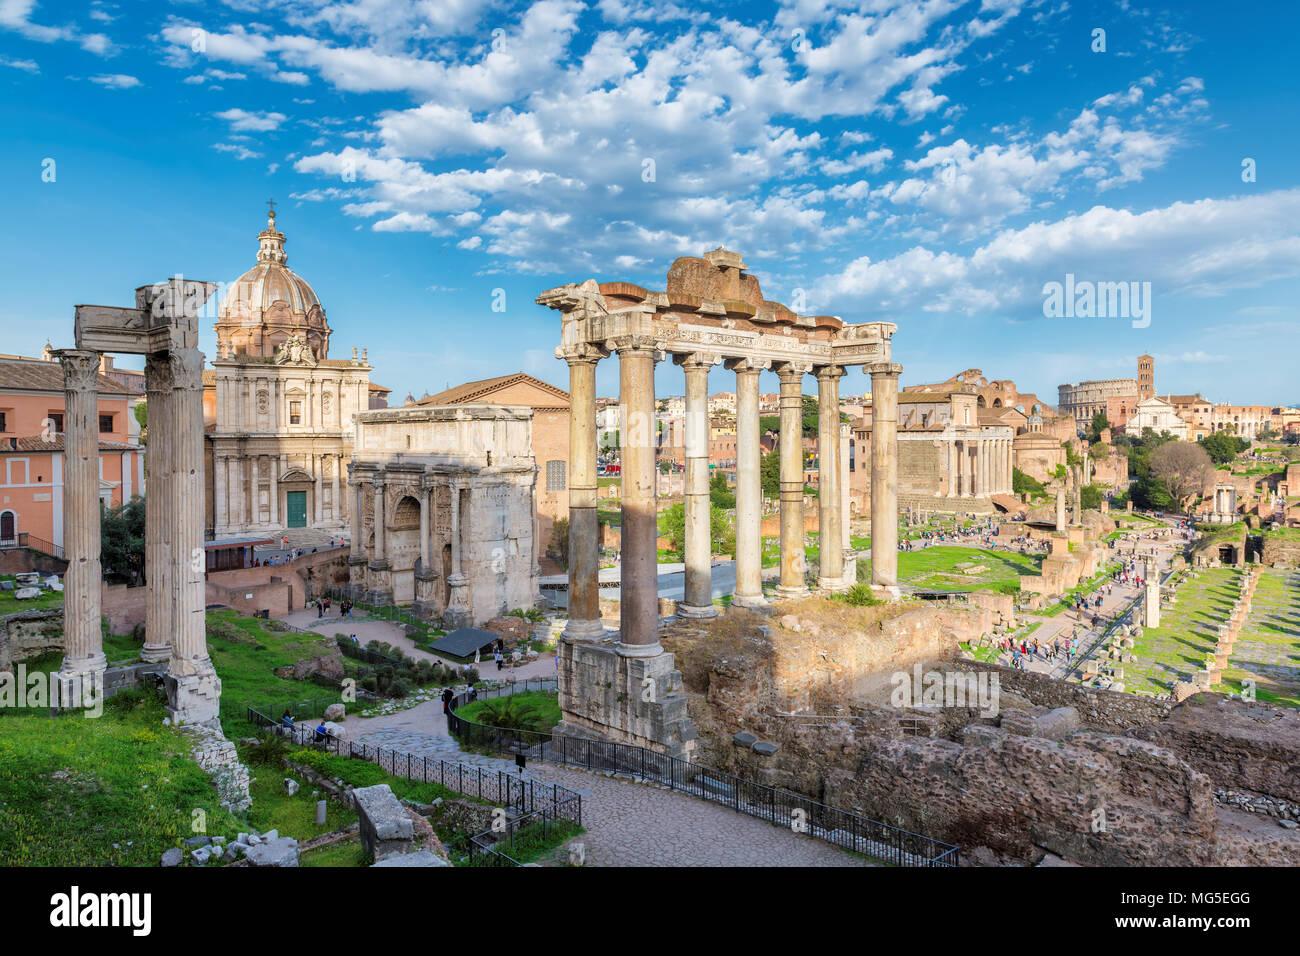 Foro Romano en Roma, Italia, durante la puesta de sol. Imagen De Stock